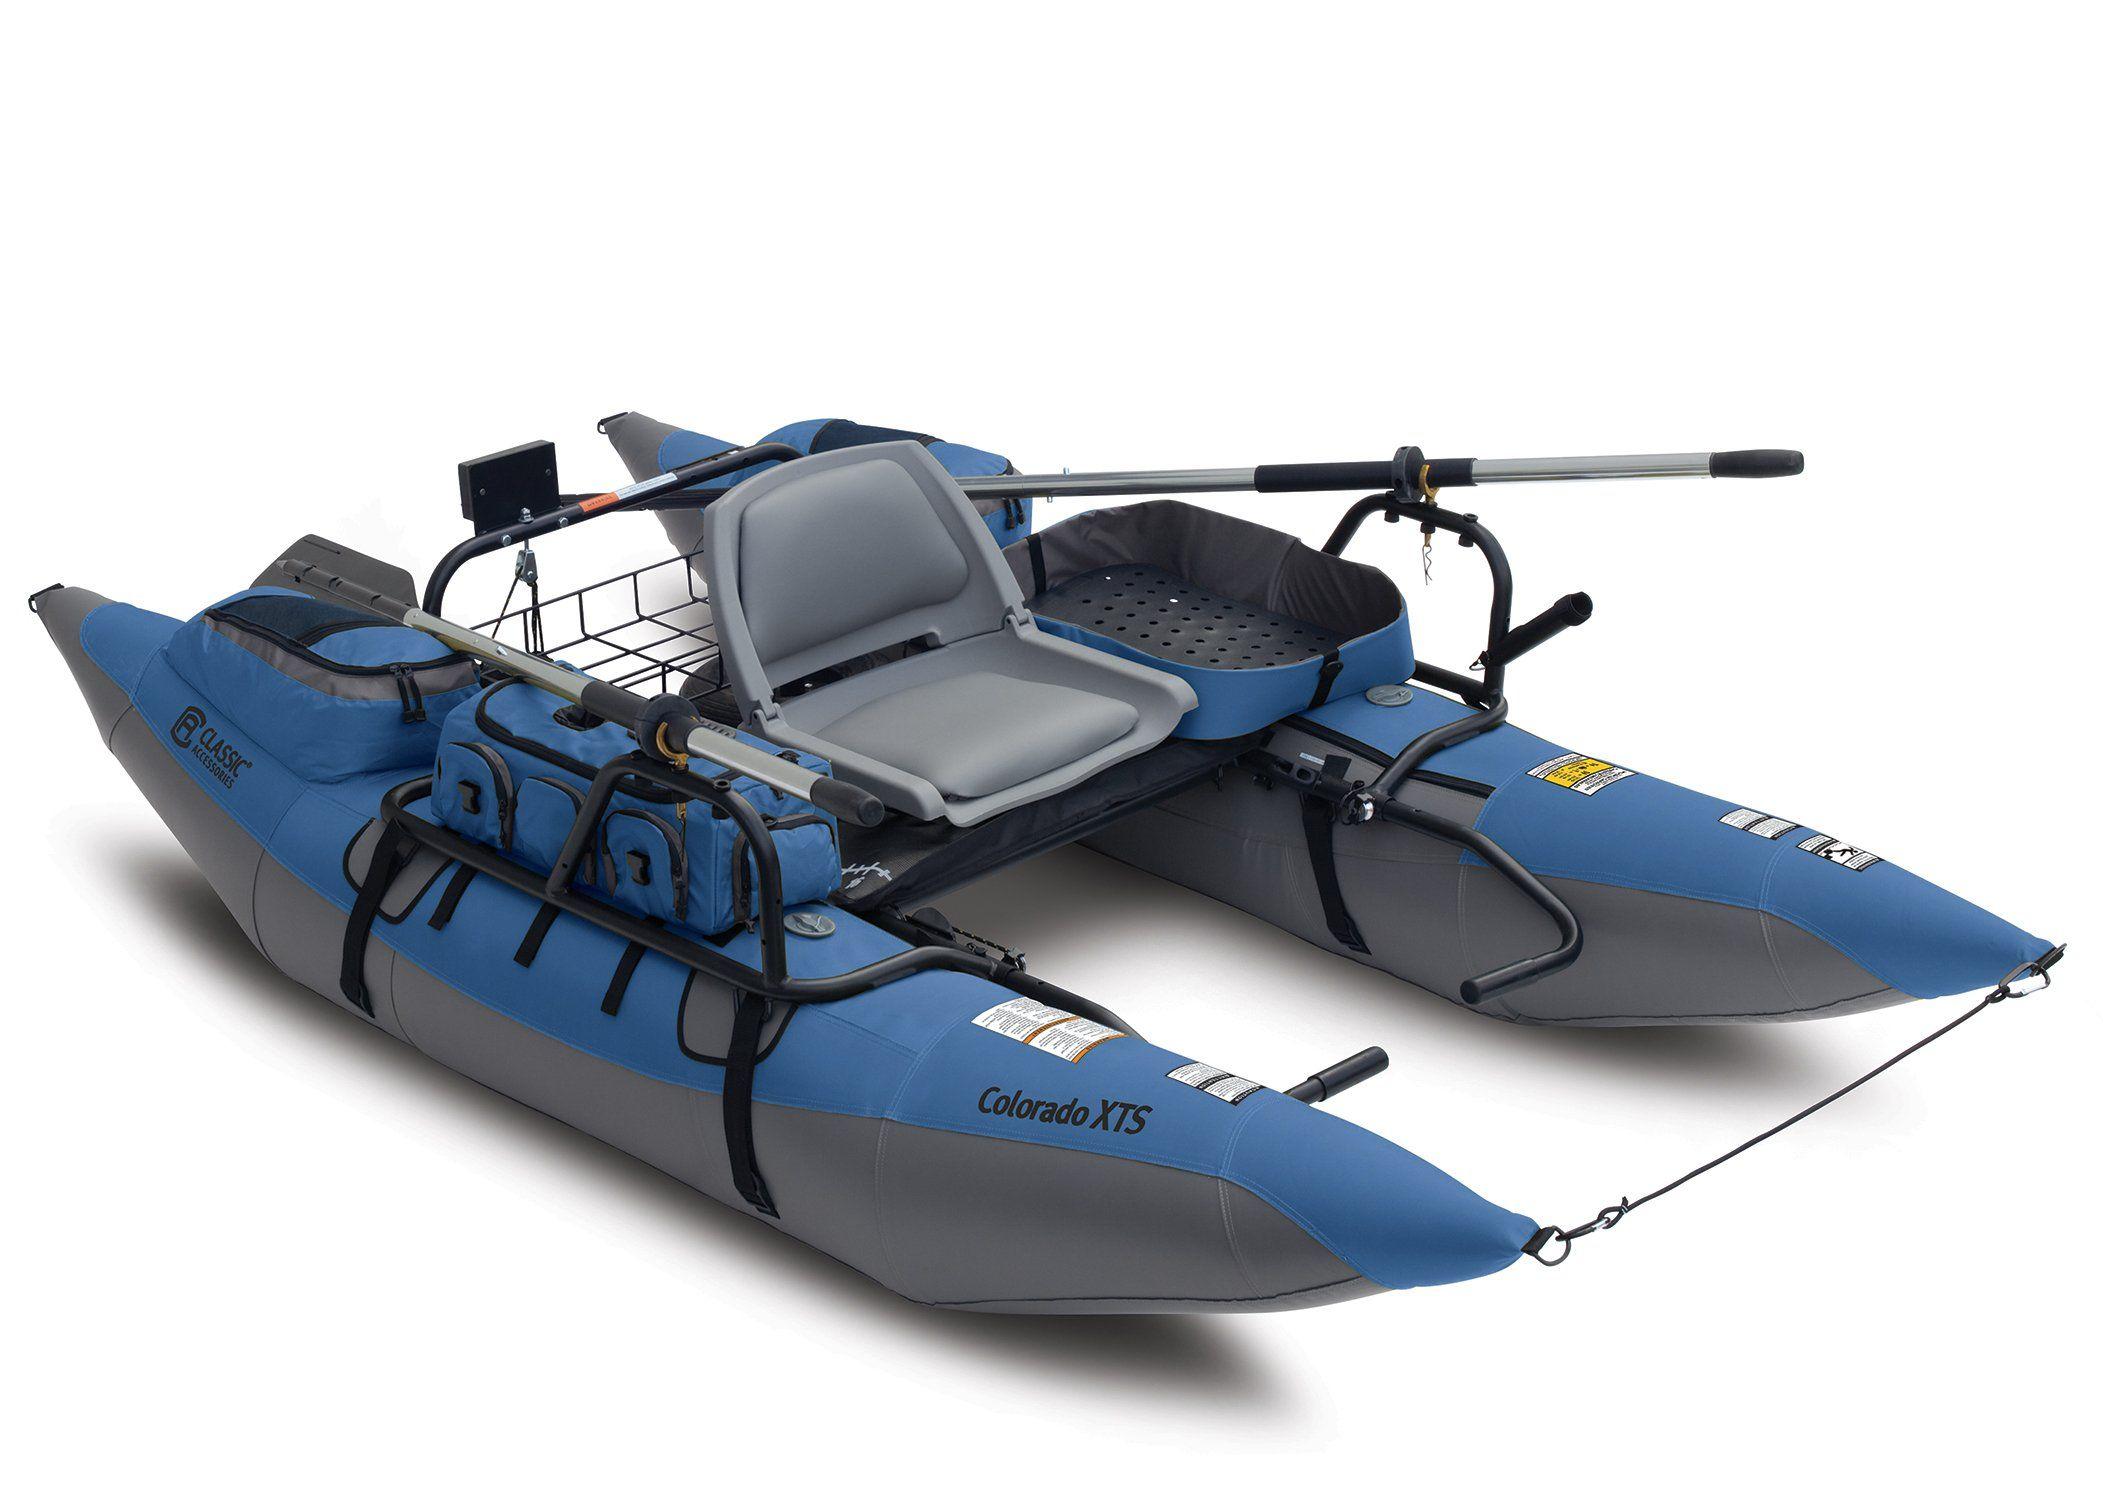 Colorado Xts Pontoon Boat